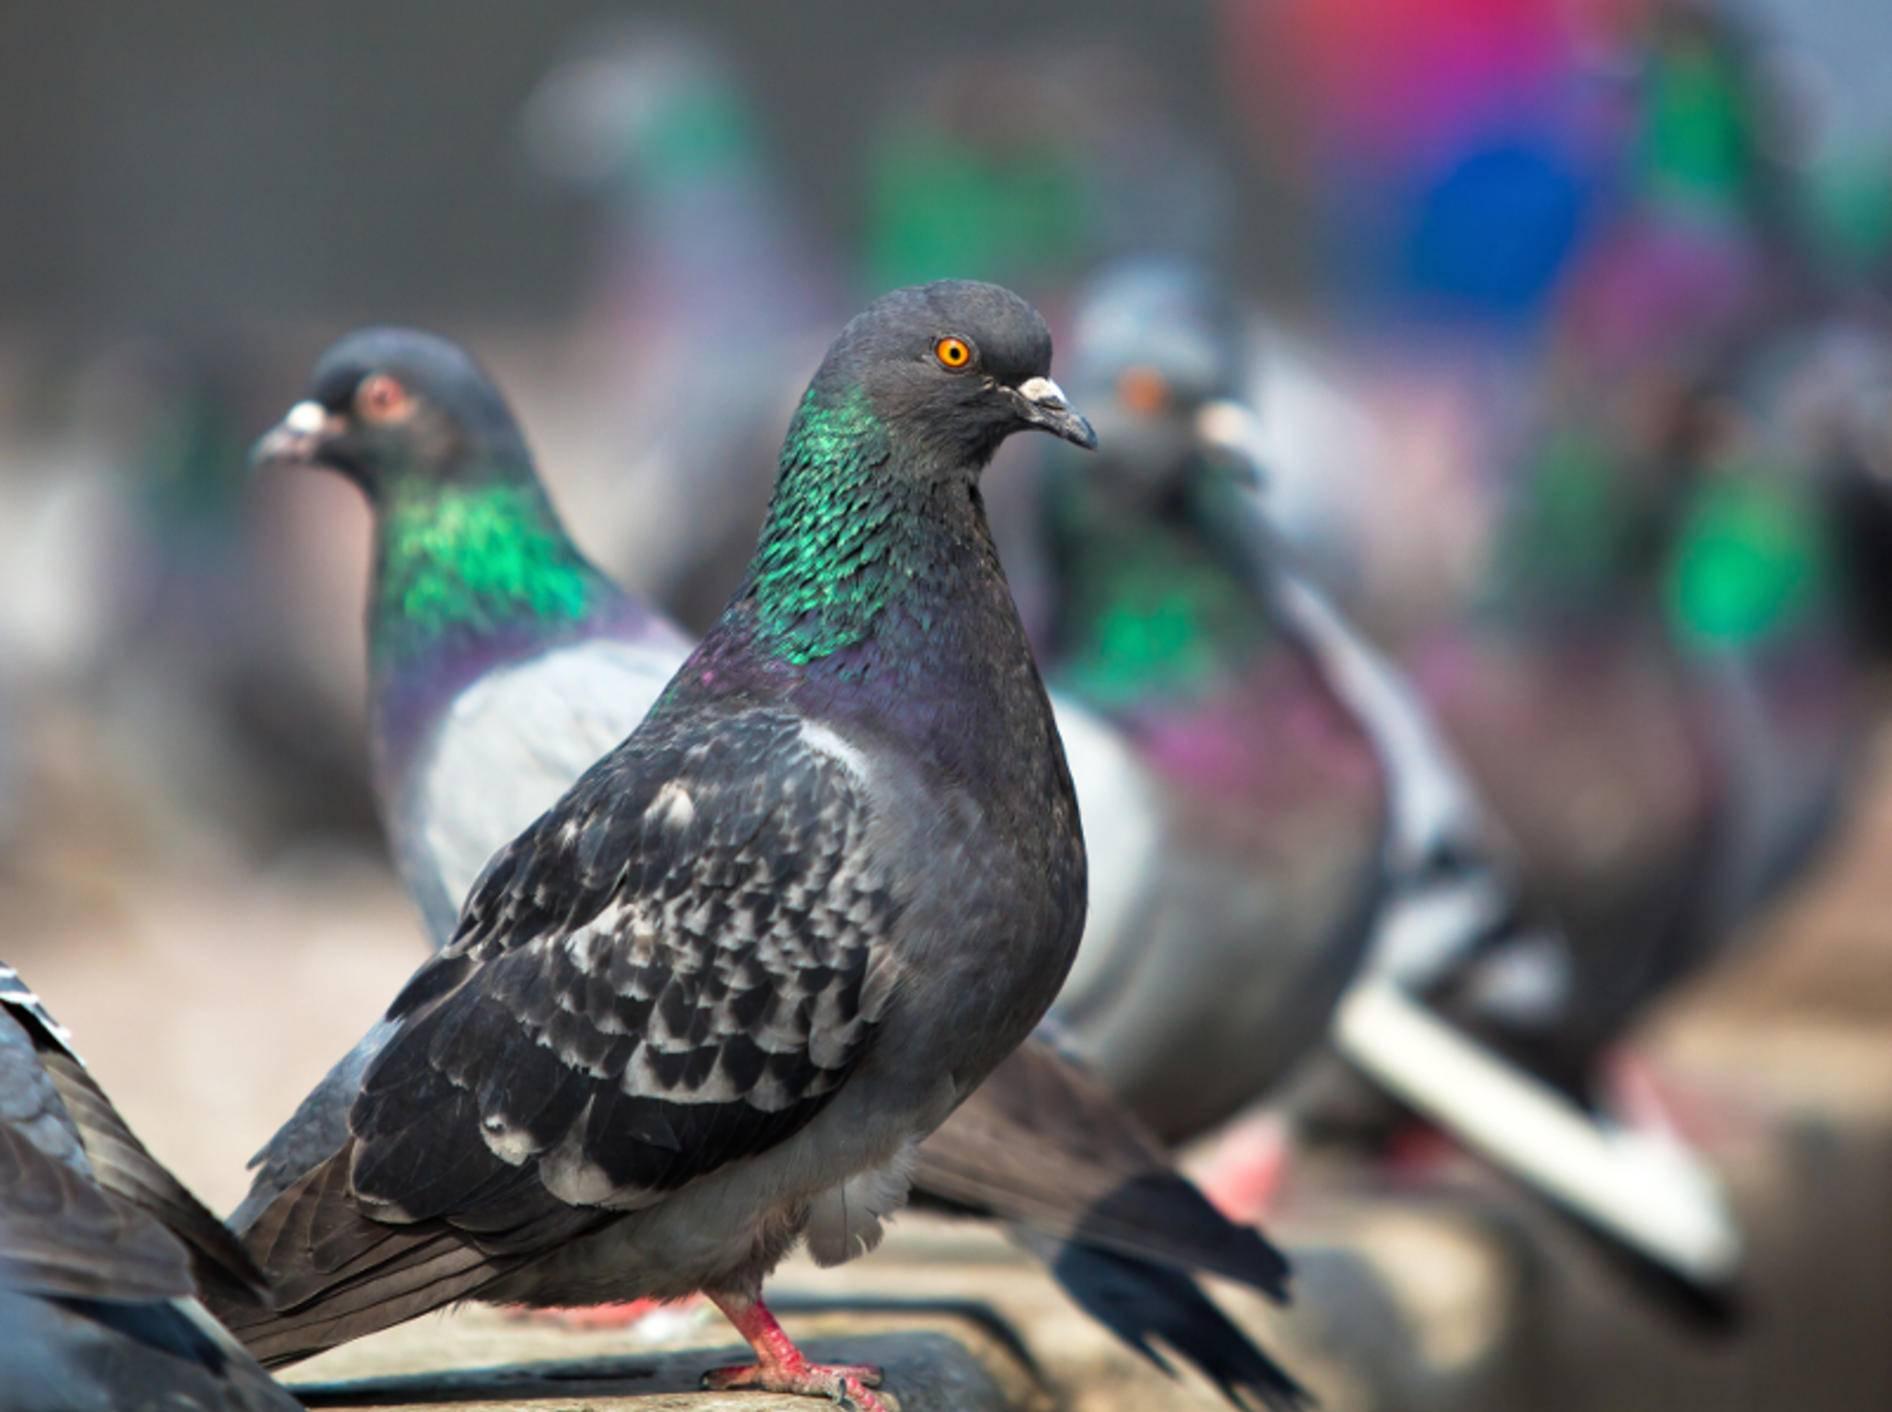 Ob am Bahnhof oder im Park: Tauben sind an vielen Orten zu finden – Bild: Shutterstock / Furtseff